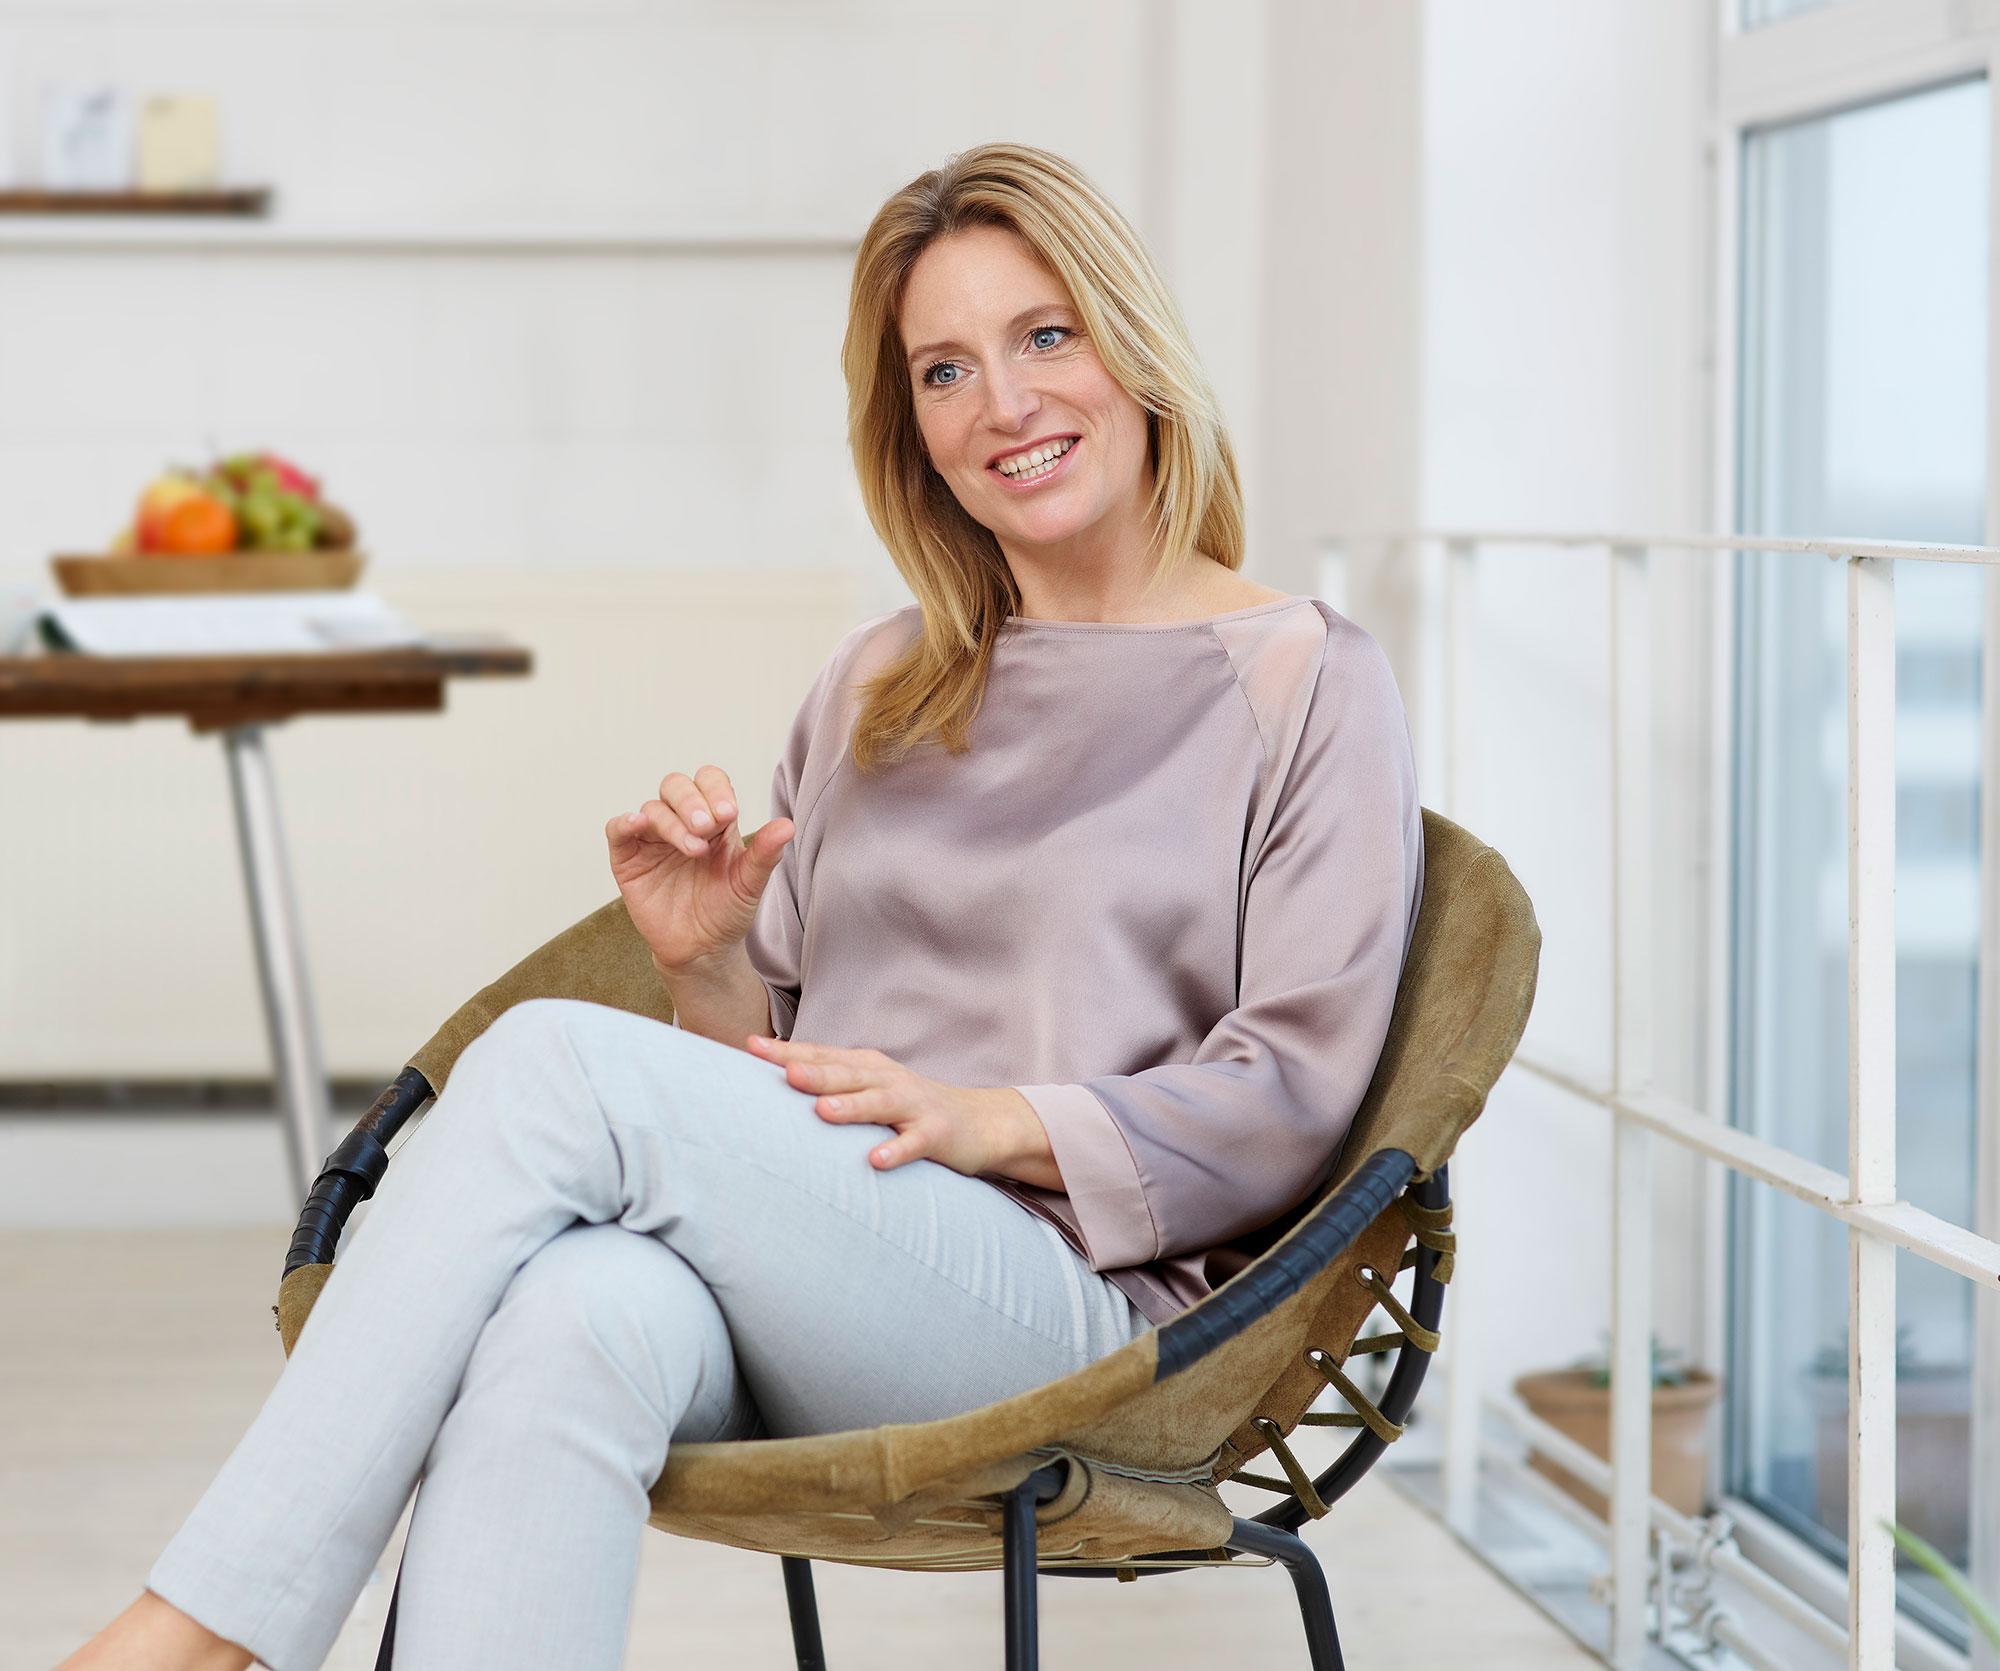 Anzeige für Centrum Darmflora, Gesundheitsexpertin mit blonden langen Haaren in Interviewsituation in braunem Ledersessel in einer hellen Location. Sie erklärt etwas im Hintergrund ist ein Tisch mit Obstschale zu sehen